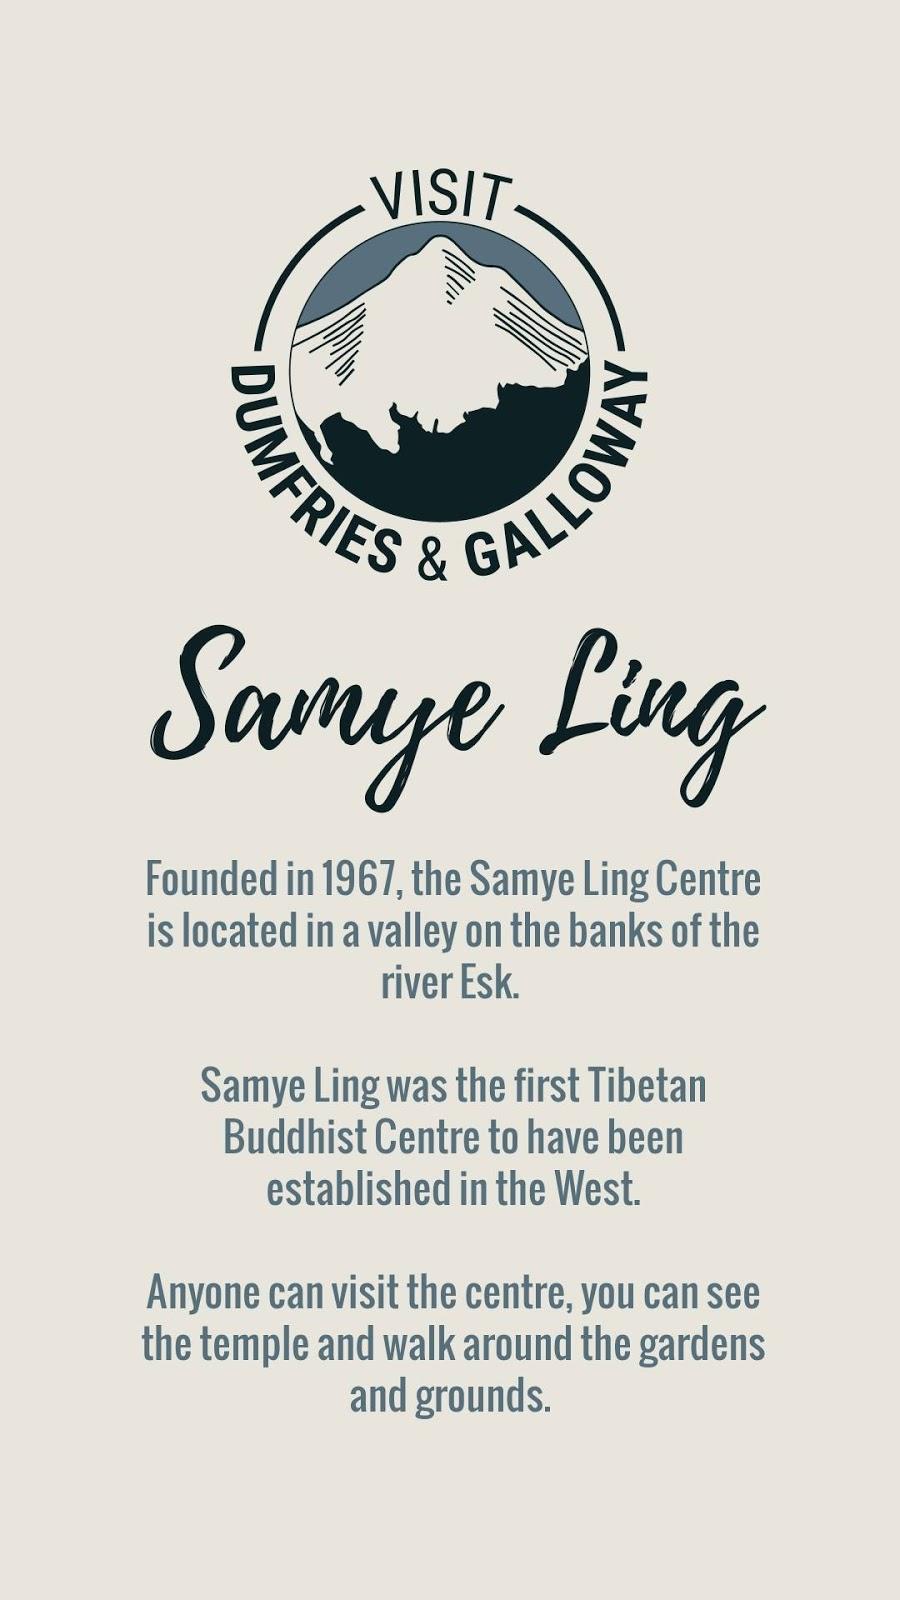 samye ling temple eskdale visit dumfries and galloway lockerbie